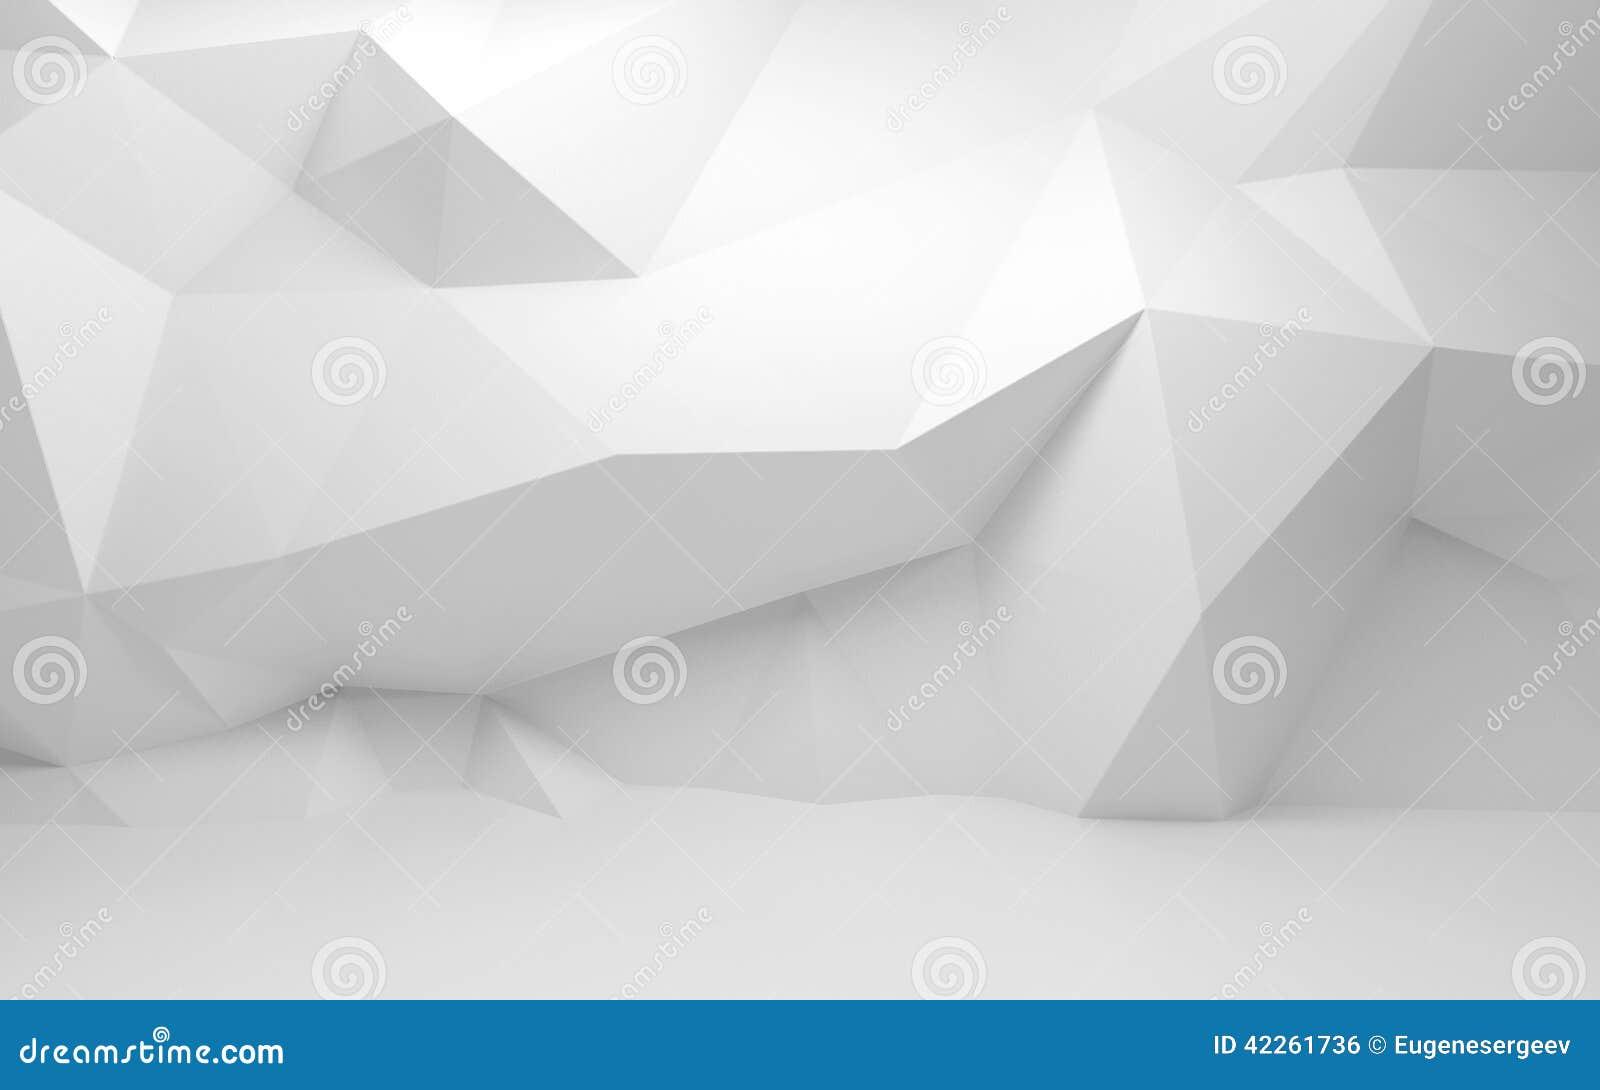 Abstrakter Innenraum des Weiß 3d mit polygonalem Muster auf Wand